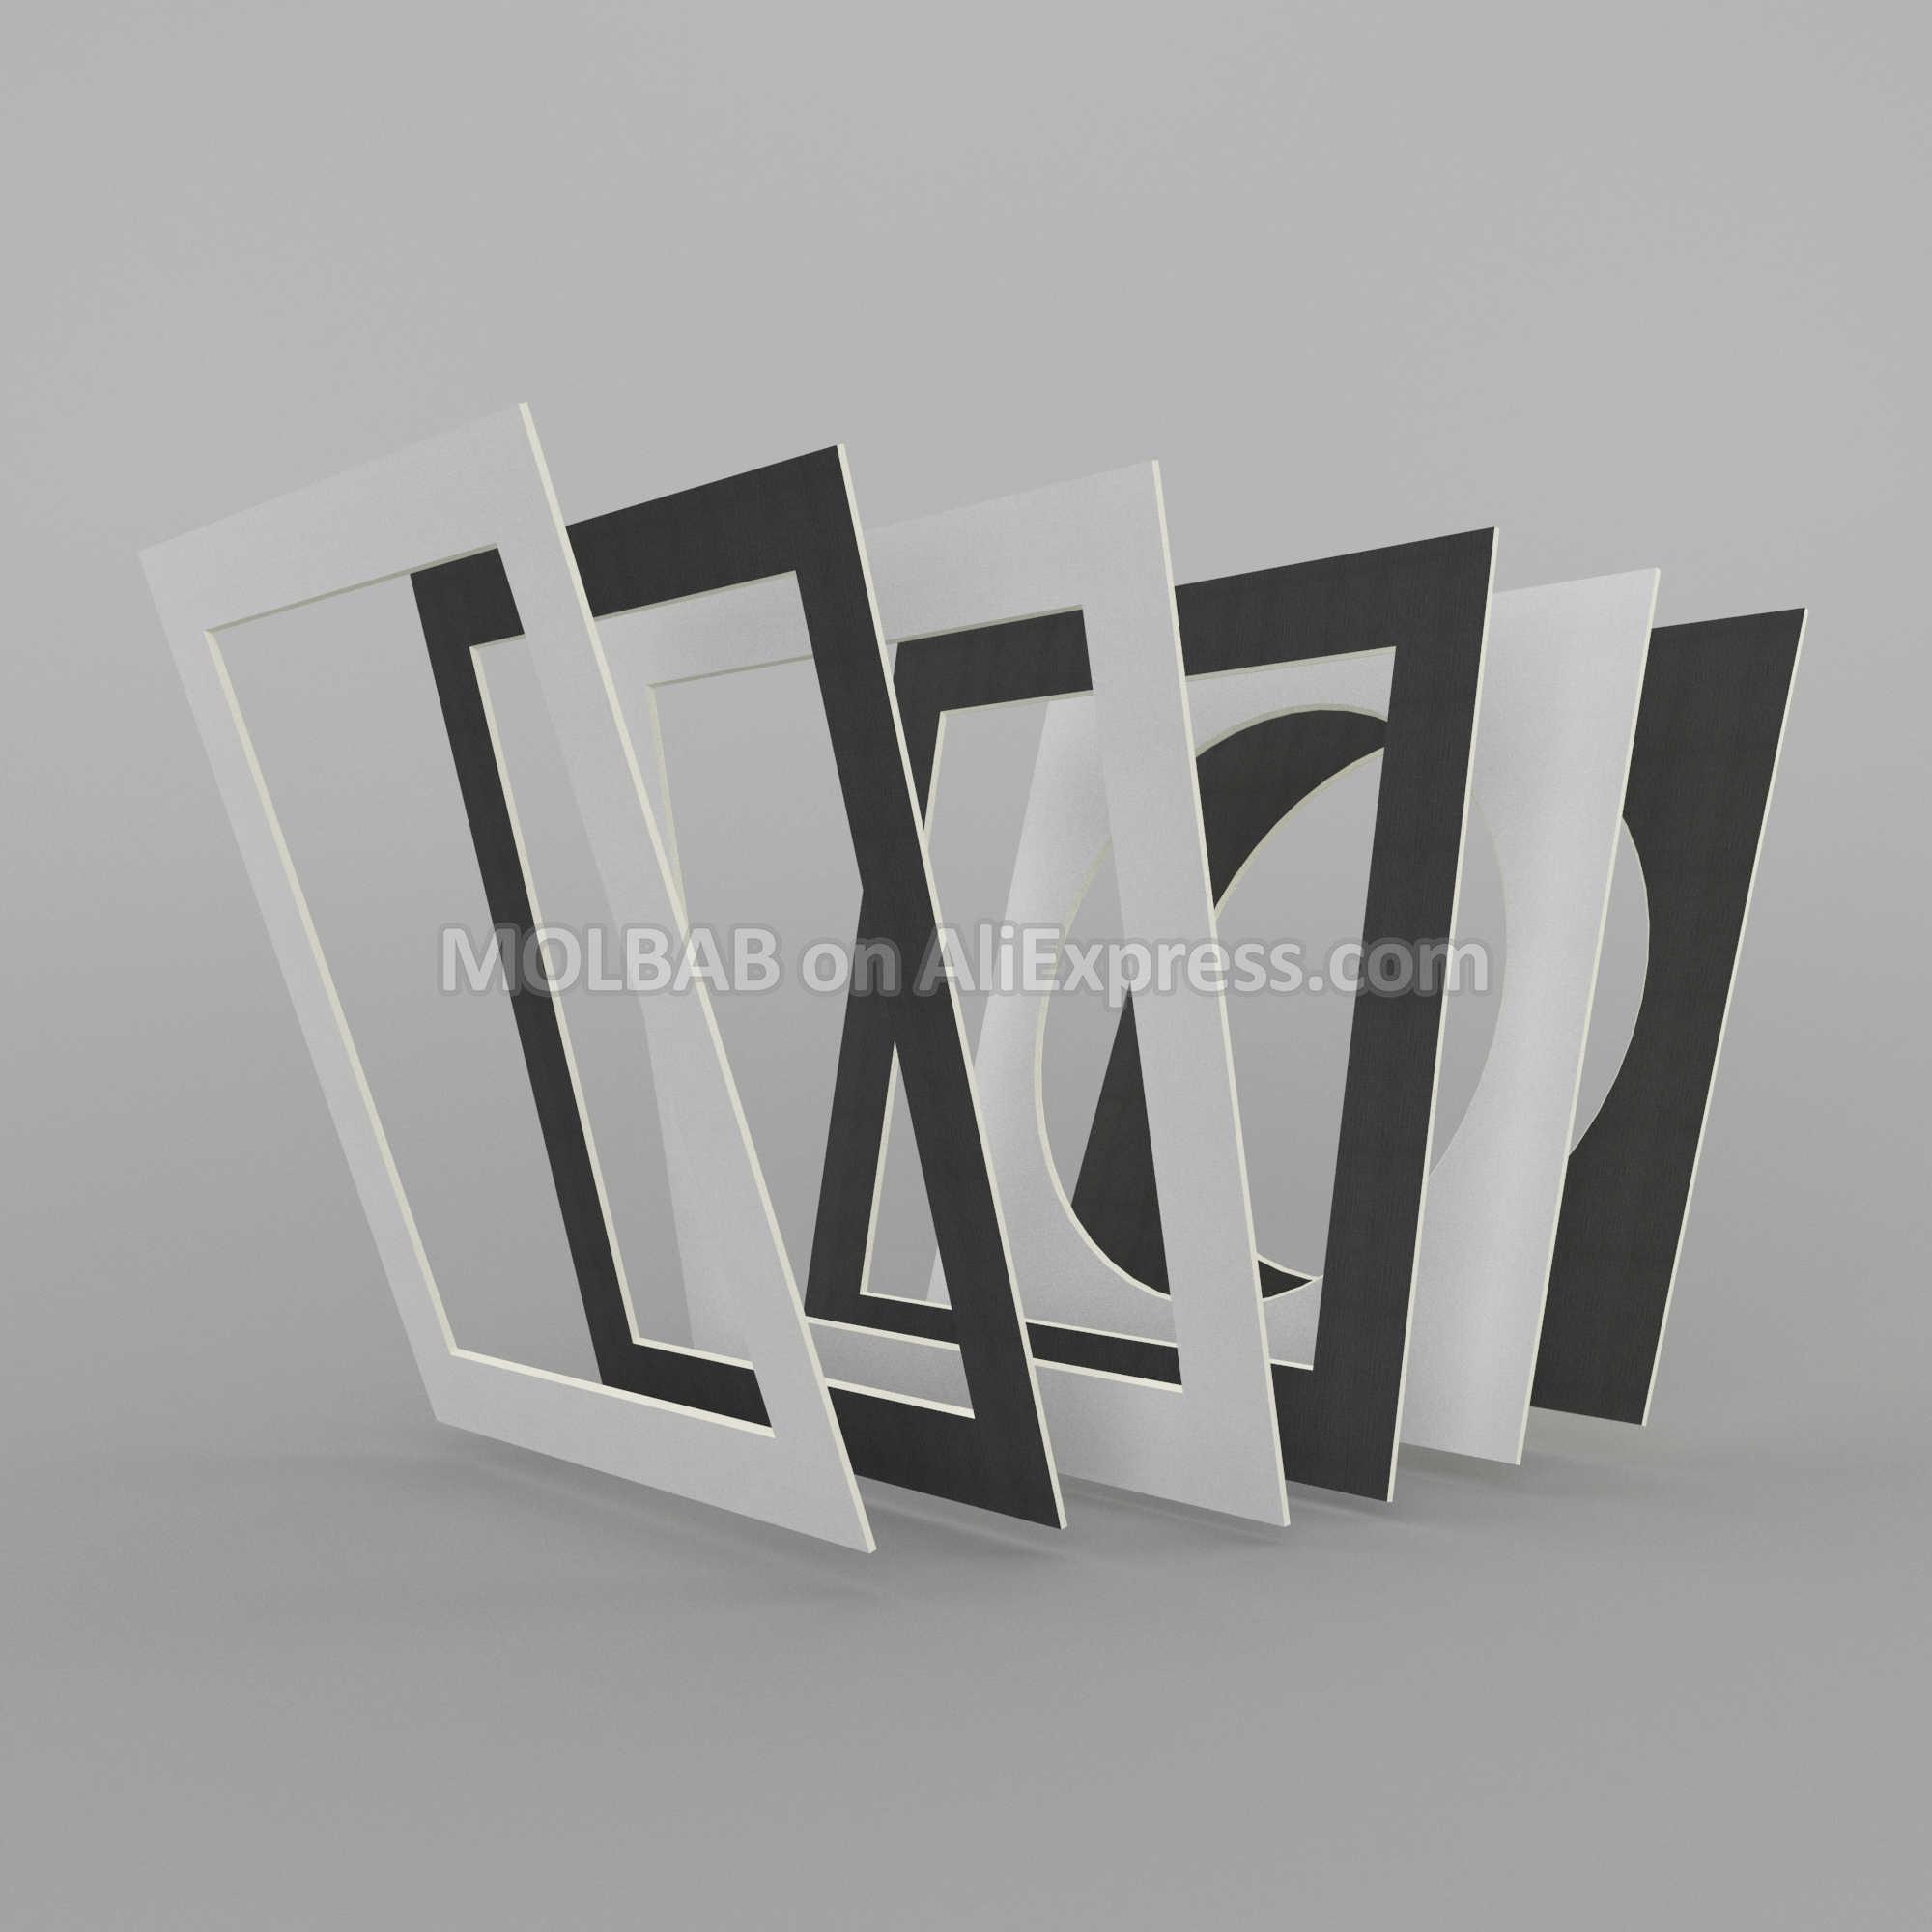 CUSTOM Made ภาพเสื่อกระดาษ Passe-Partouts สี่เหลี่ยมผืนผ้ารูปไข่สแควร์ Multie-ช่องเปิดกระดาษที่กำหนดเองติดตั้ง Matboard กรอบตกแต่ง